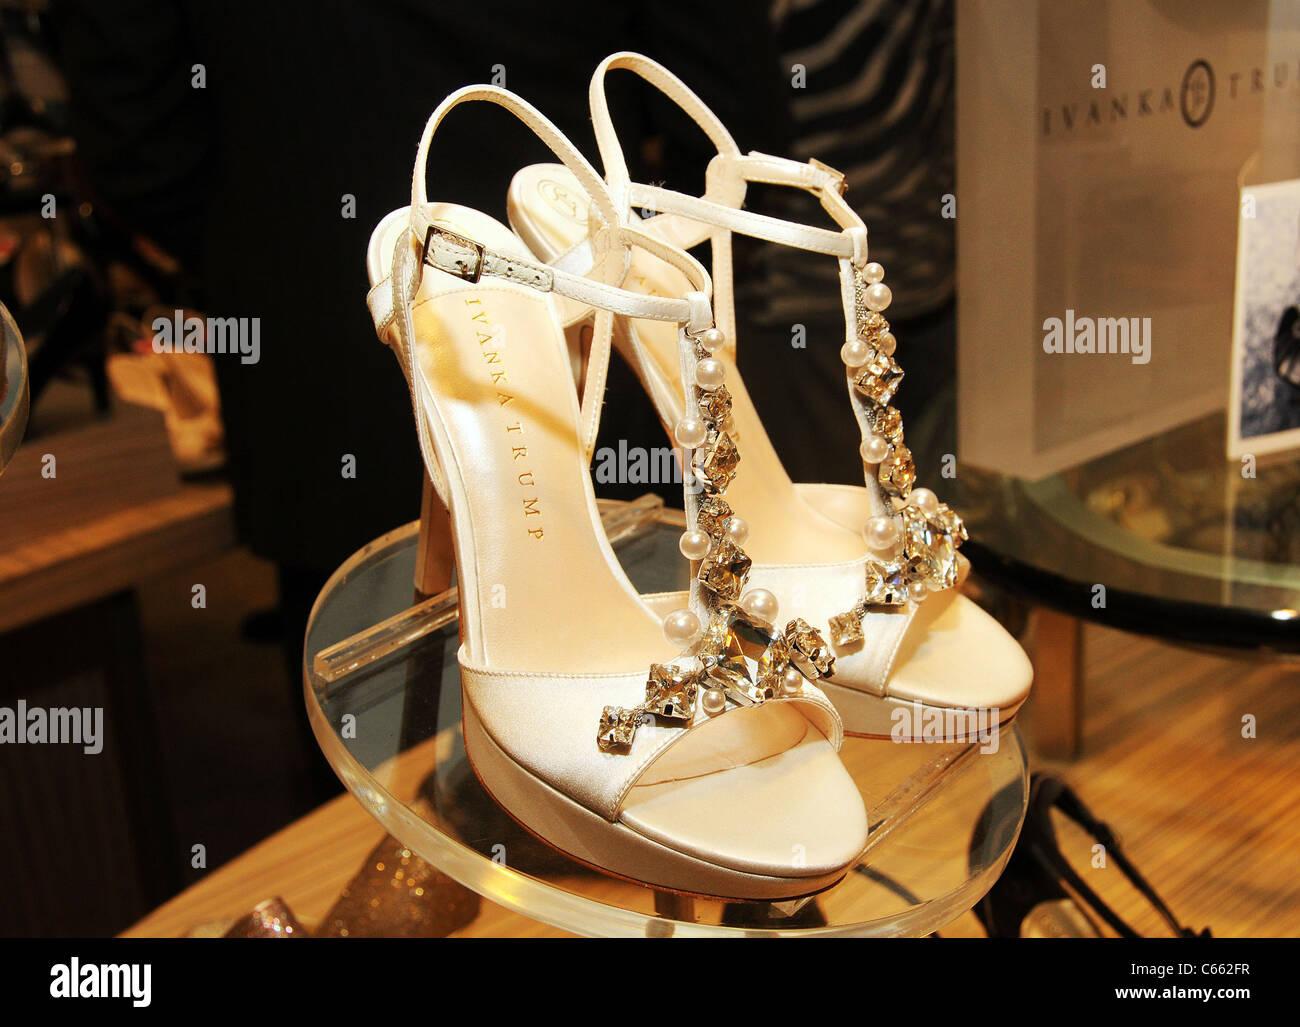 Scarpe con i tacchi alti dalla collezione in negozio aspetto per il lancio di Ivanka Trump calzature, Macy's Immagini Stock